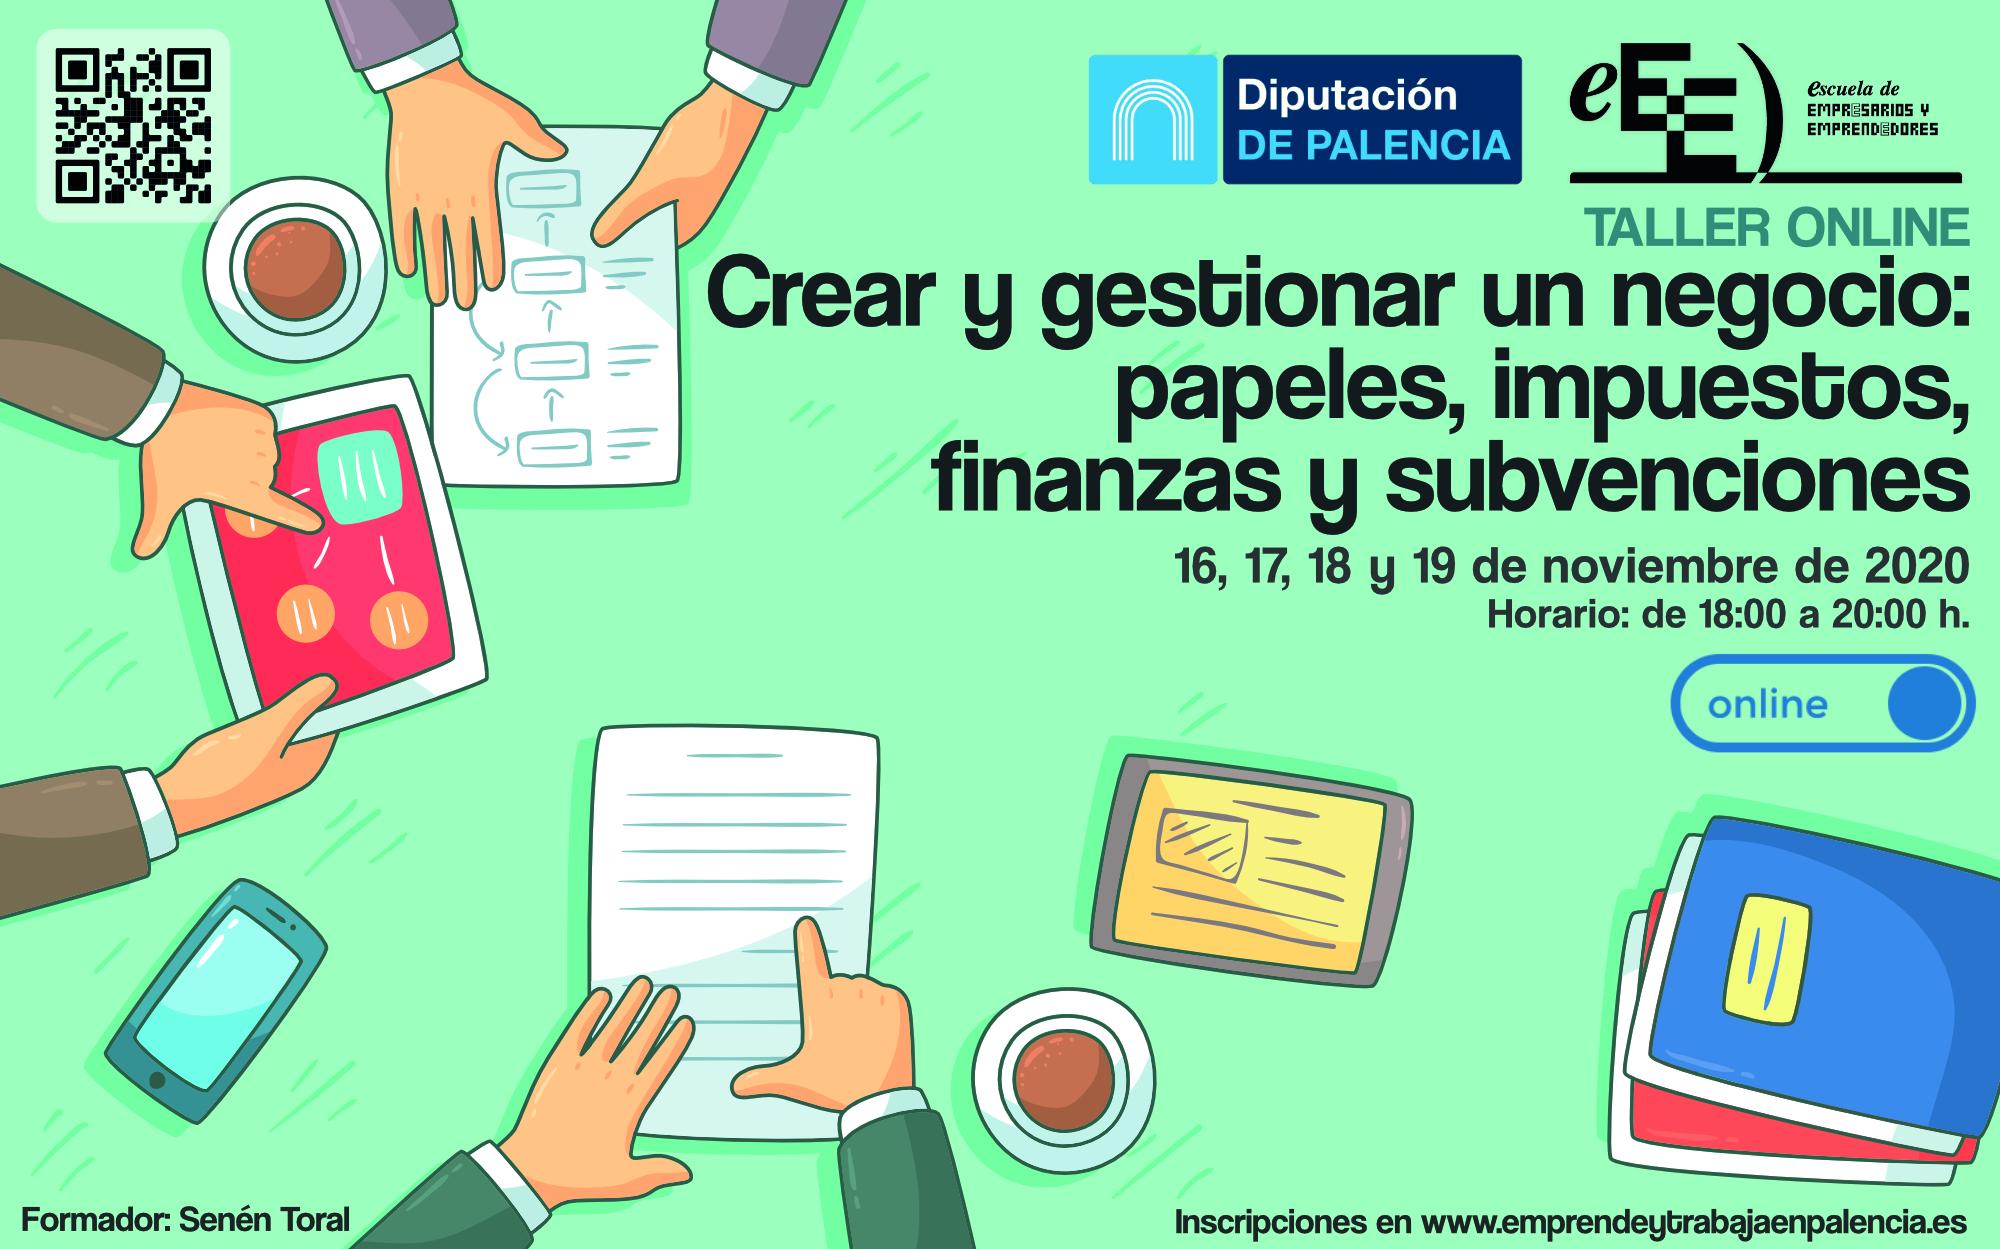 Taller online 'Crear y gestionar un negocio: papeles, impuestos, finanzas y subvenciones'